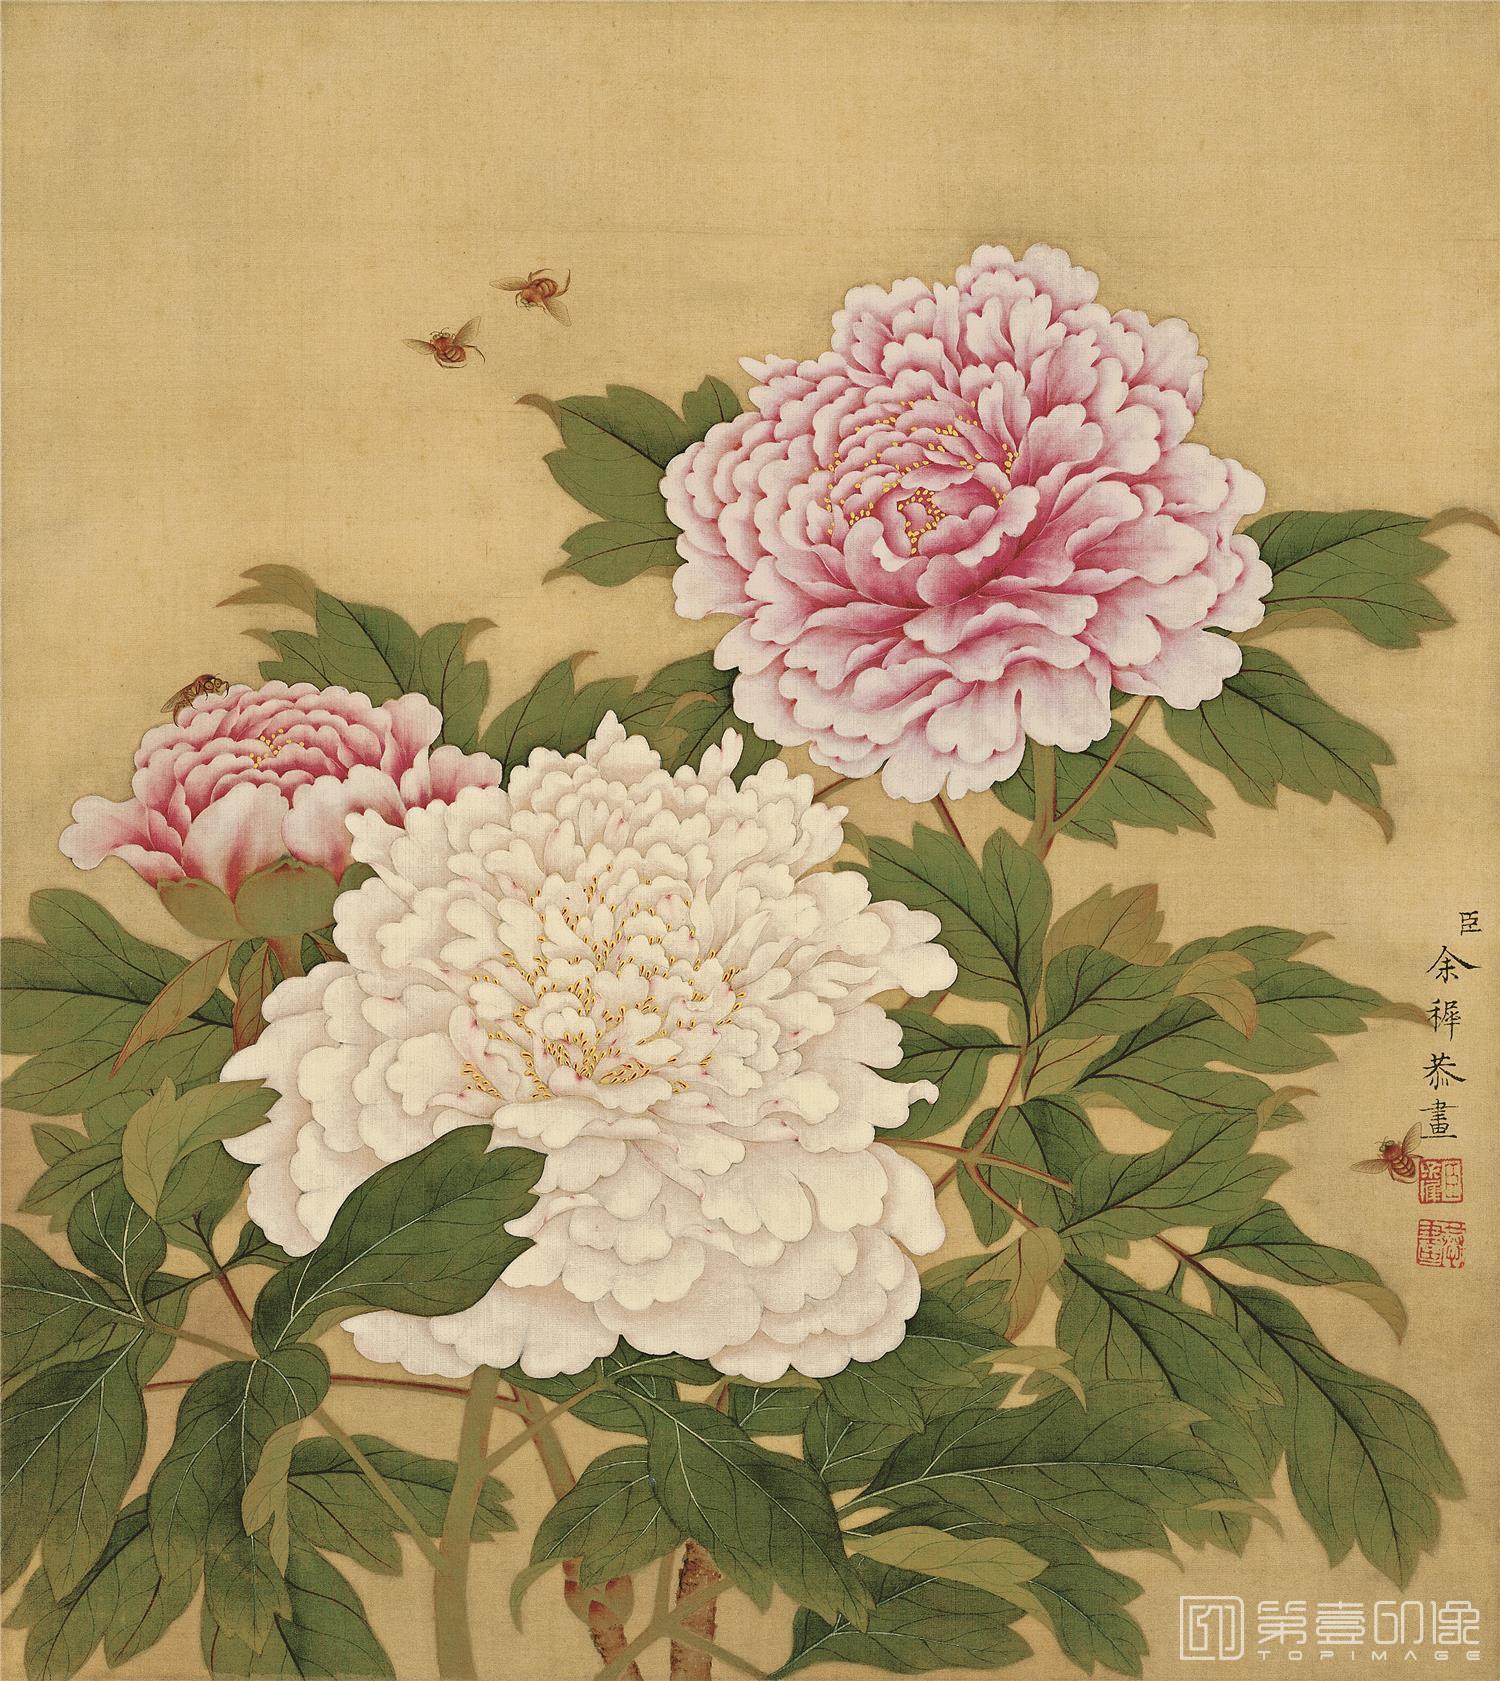 国画-国画-清-余稚-花鸟册-绢本-007-33x37cm